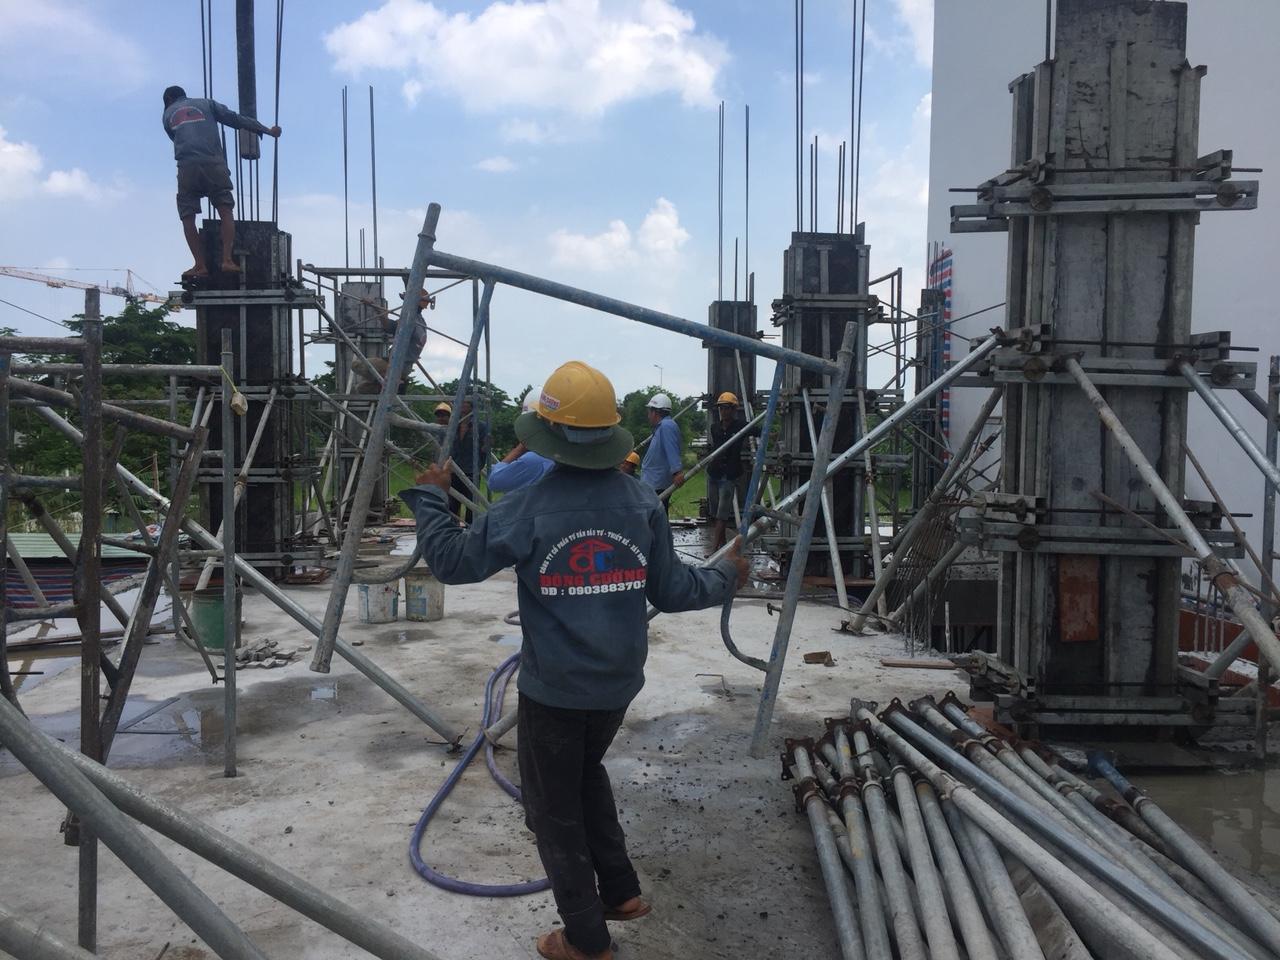 Tập huấn an toàn lao động cho toàn bộ cán bộ công nhân công ty